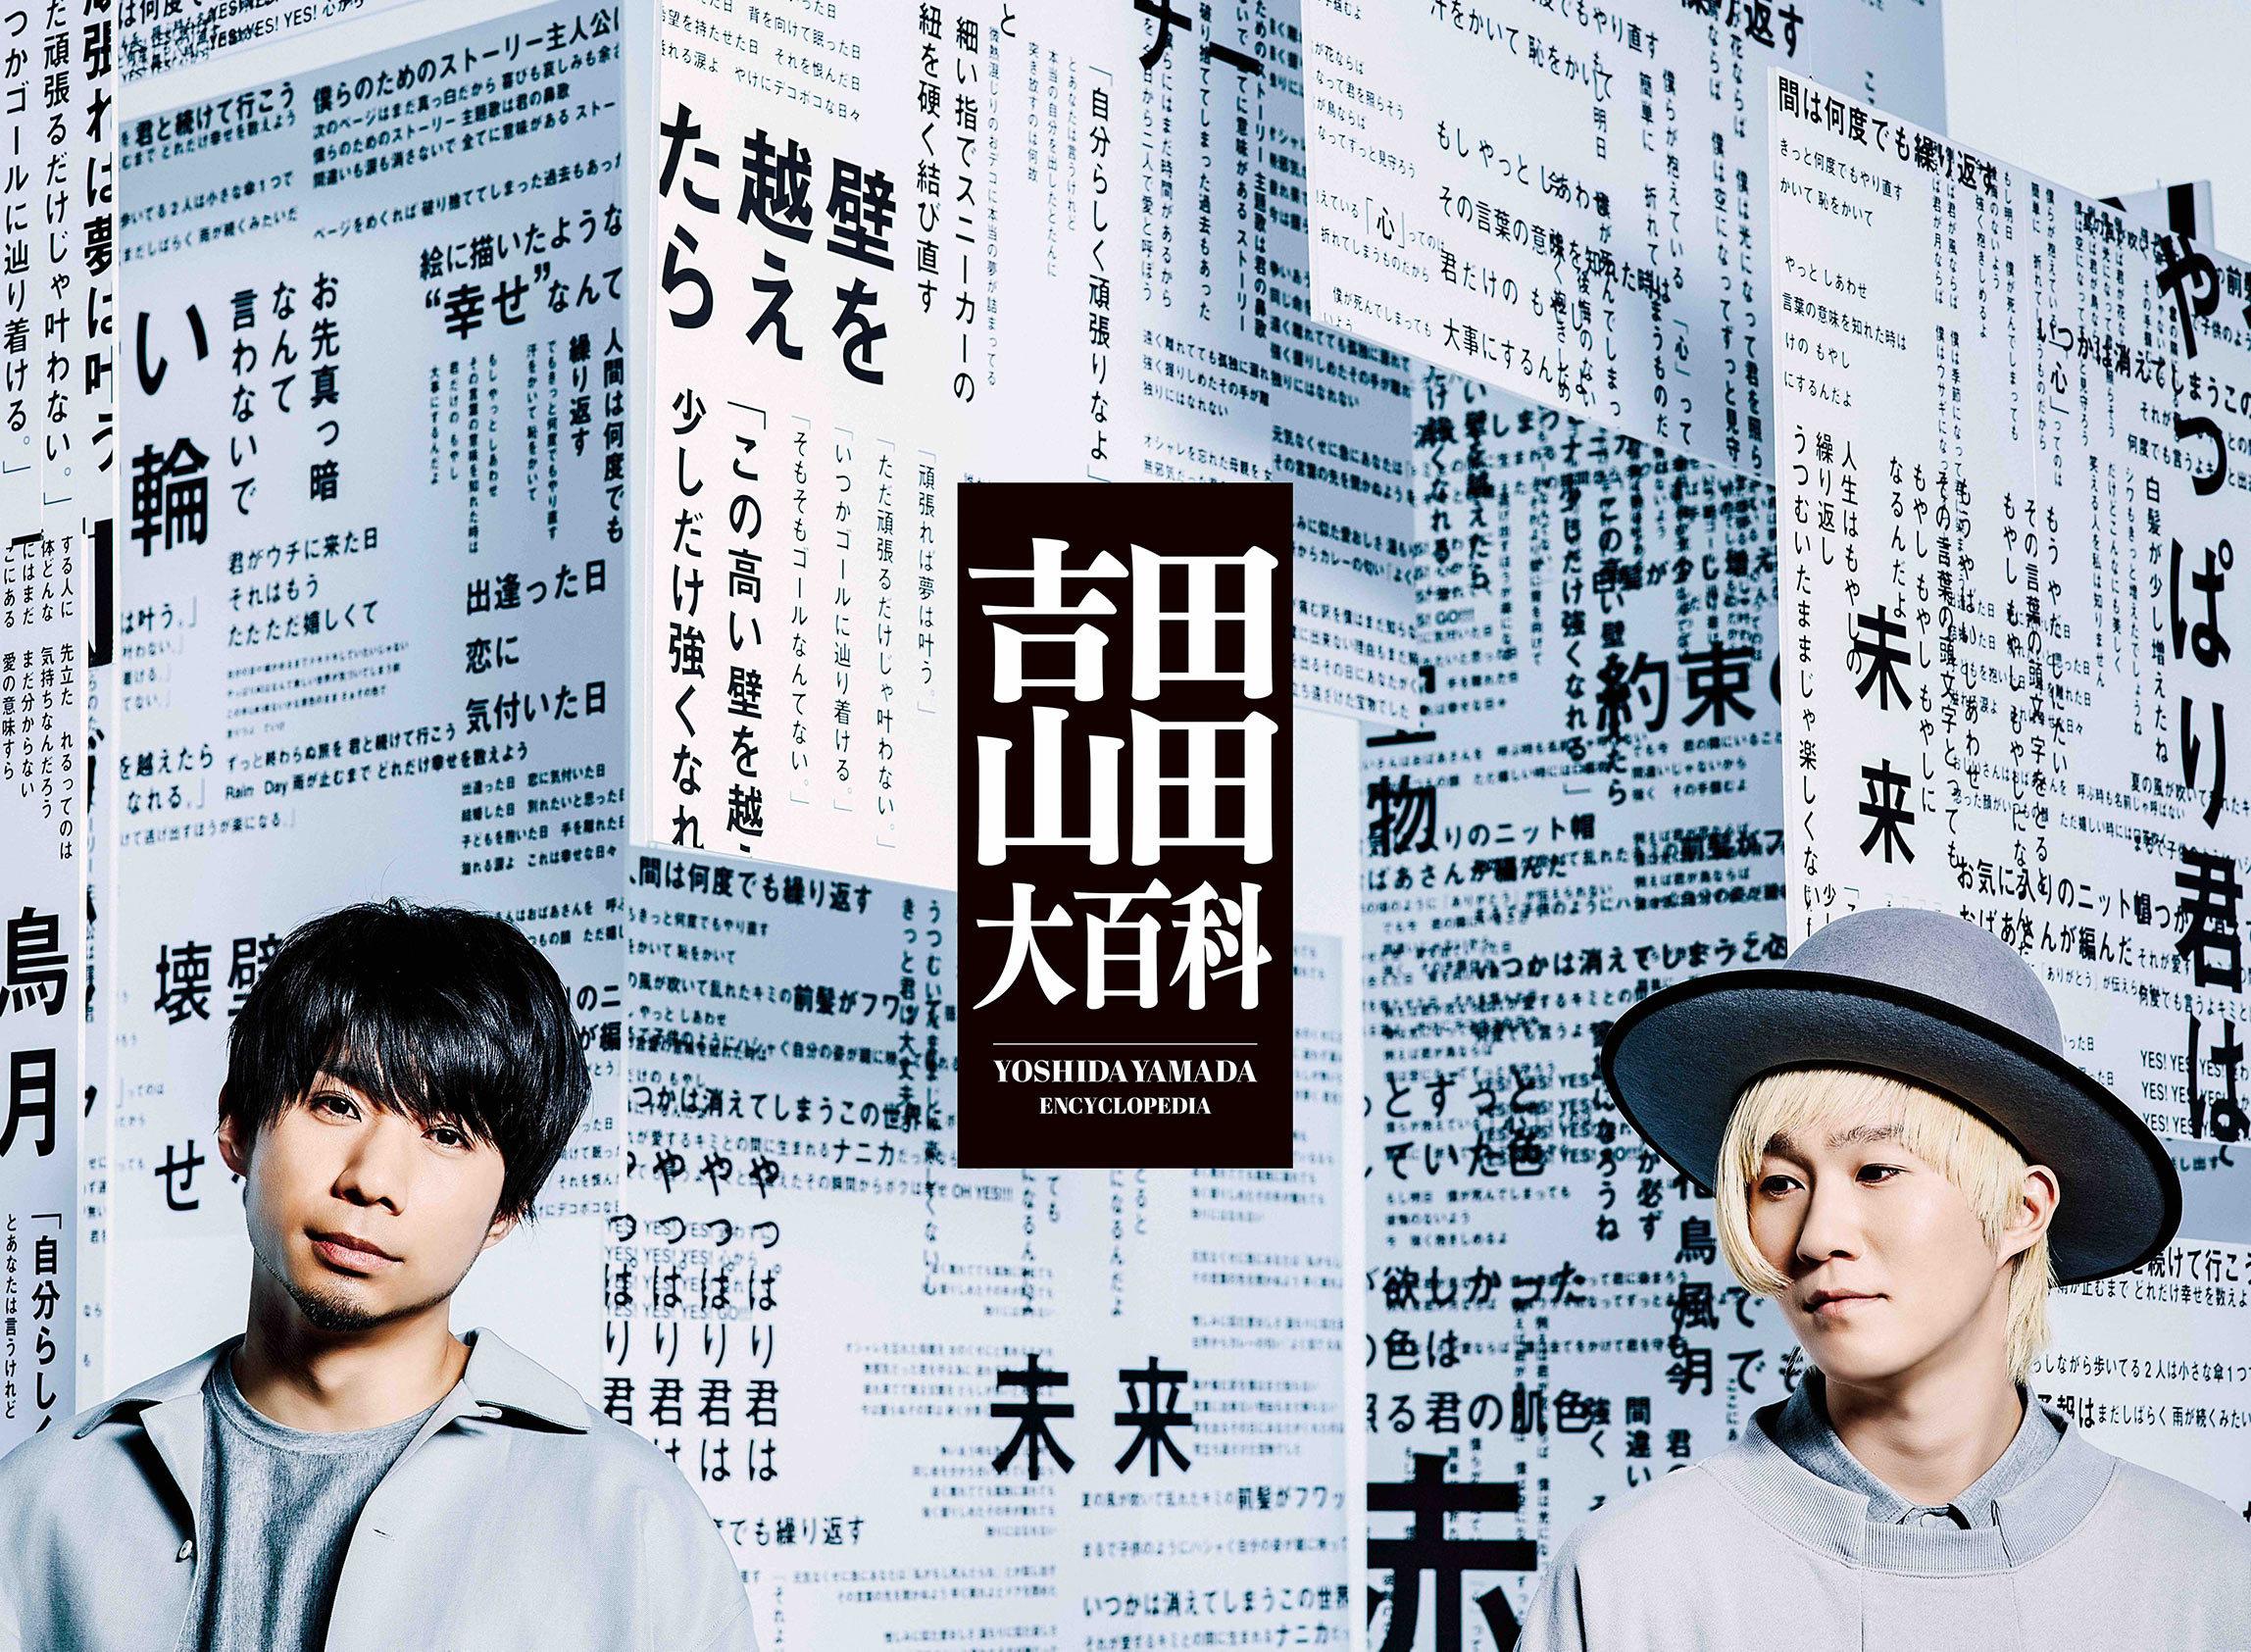 吉田山田大百科【アニバーサリー盤】